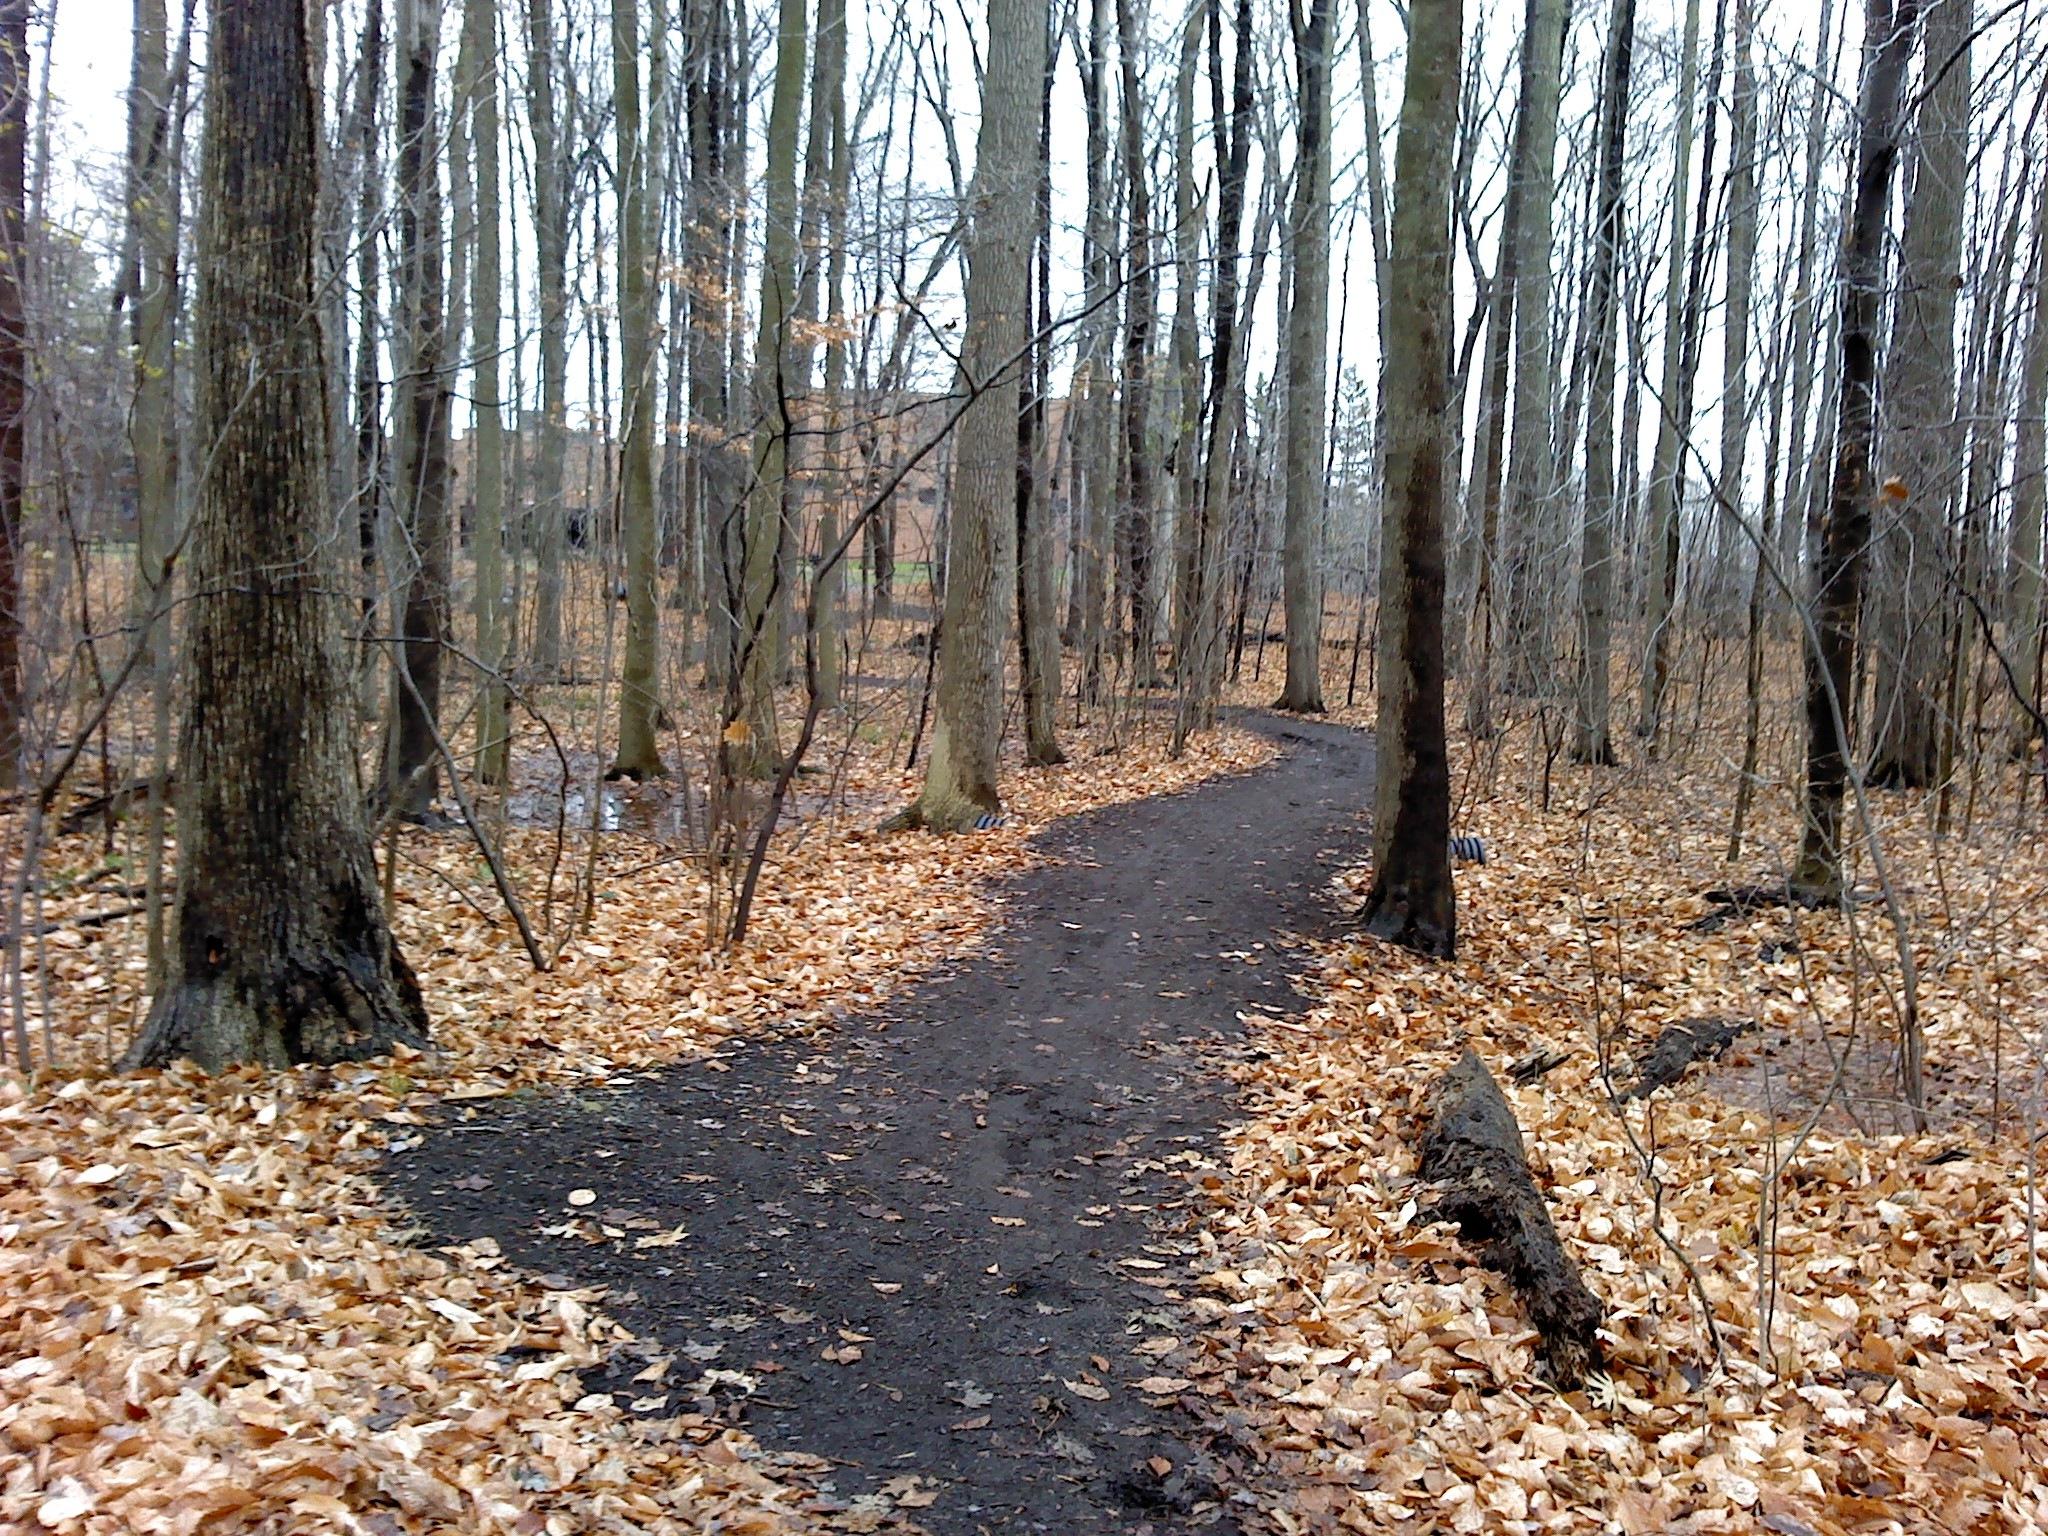 Fall season trail by Aaron Pfeiffer